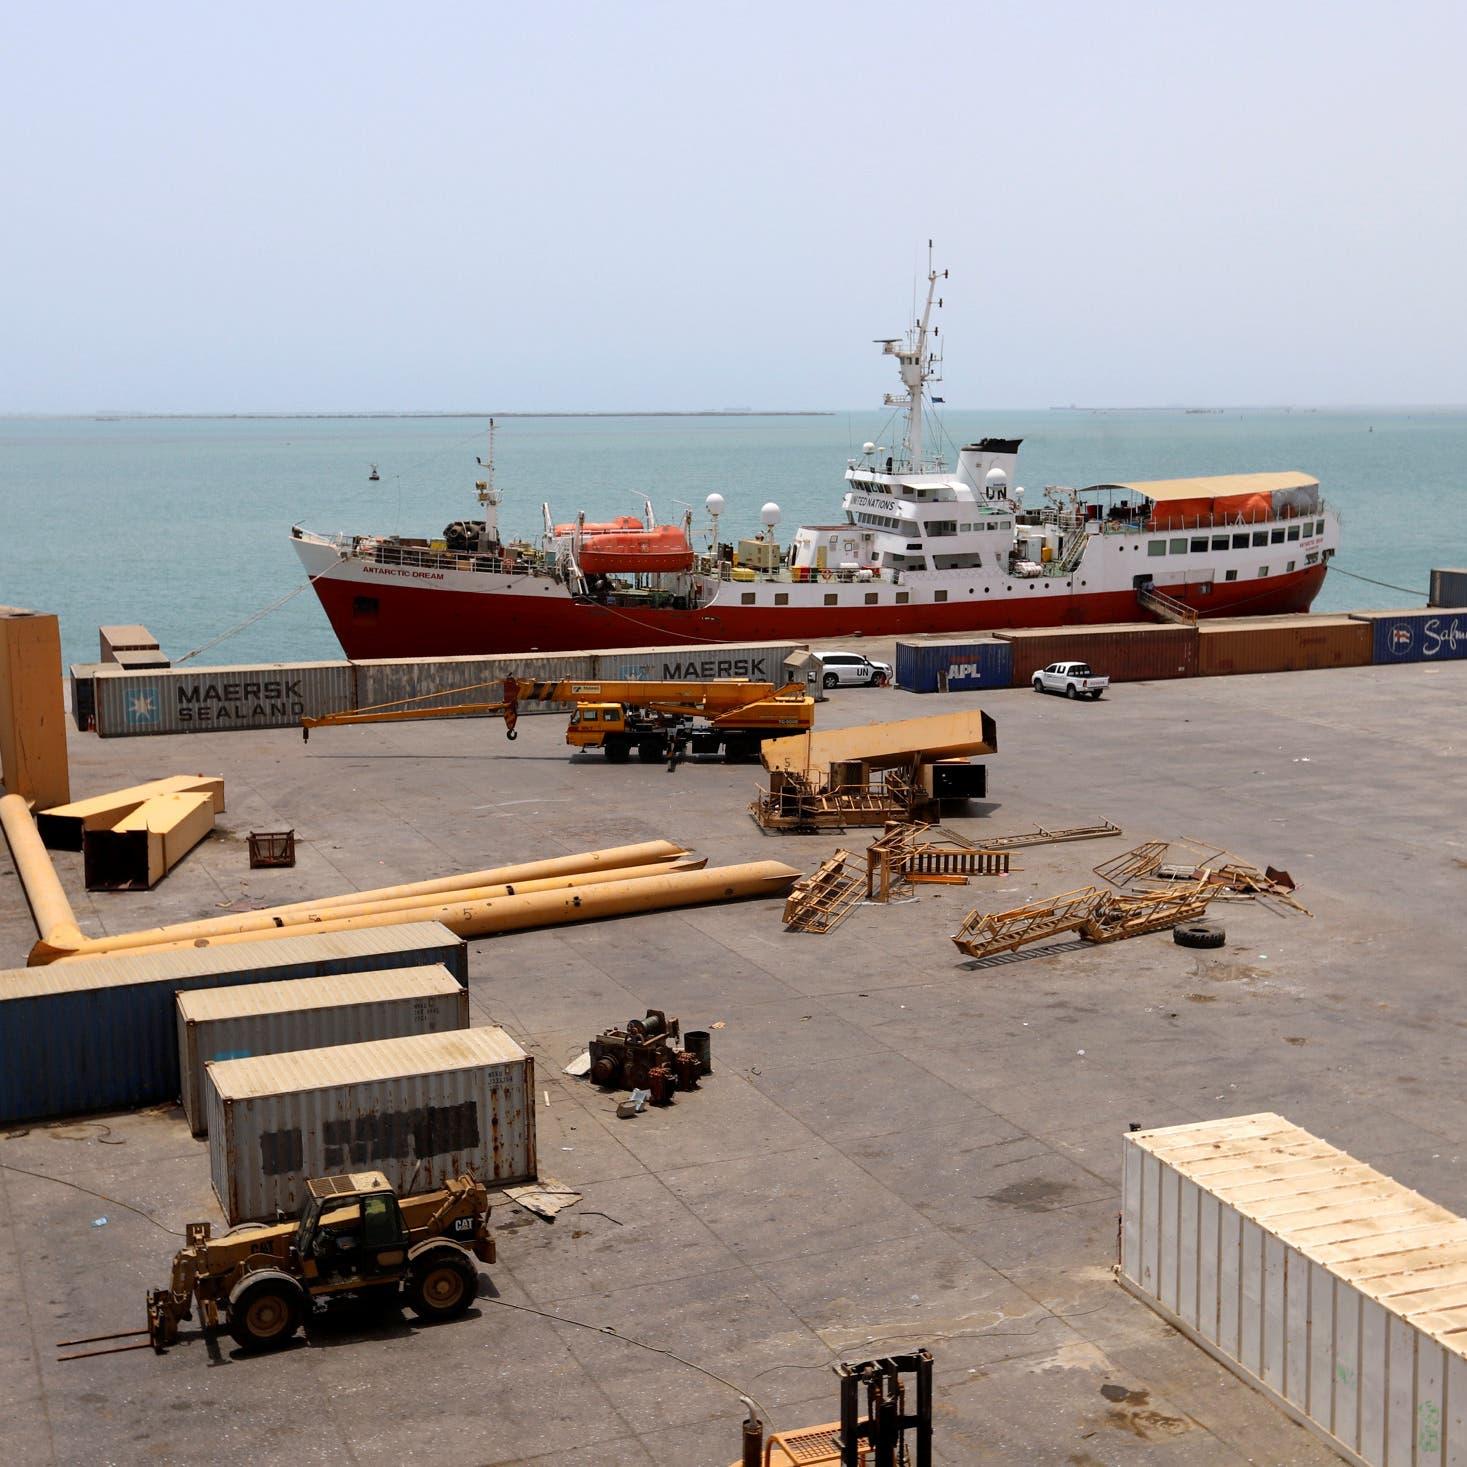 الارياني يحذر من عودة الحوثي لنهب عائدات النفط عبر الحديدة